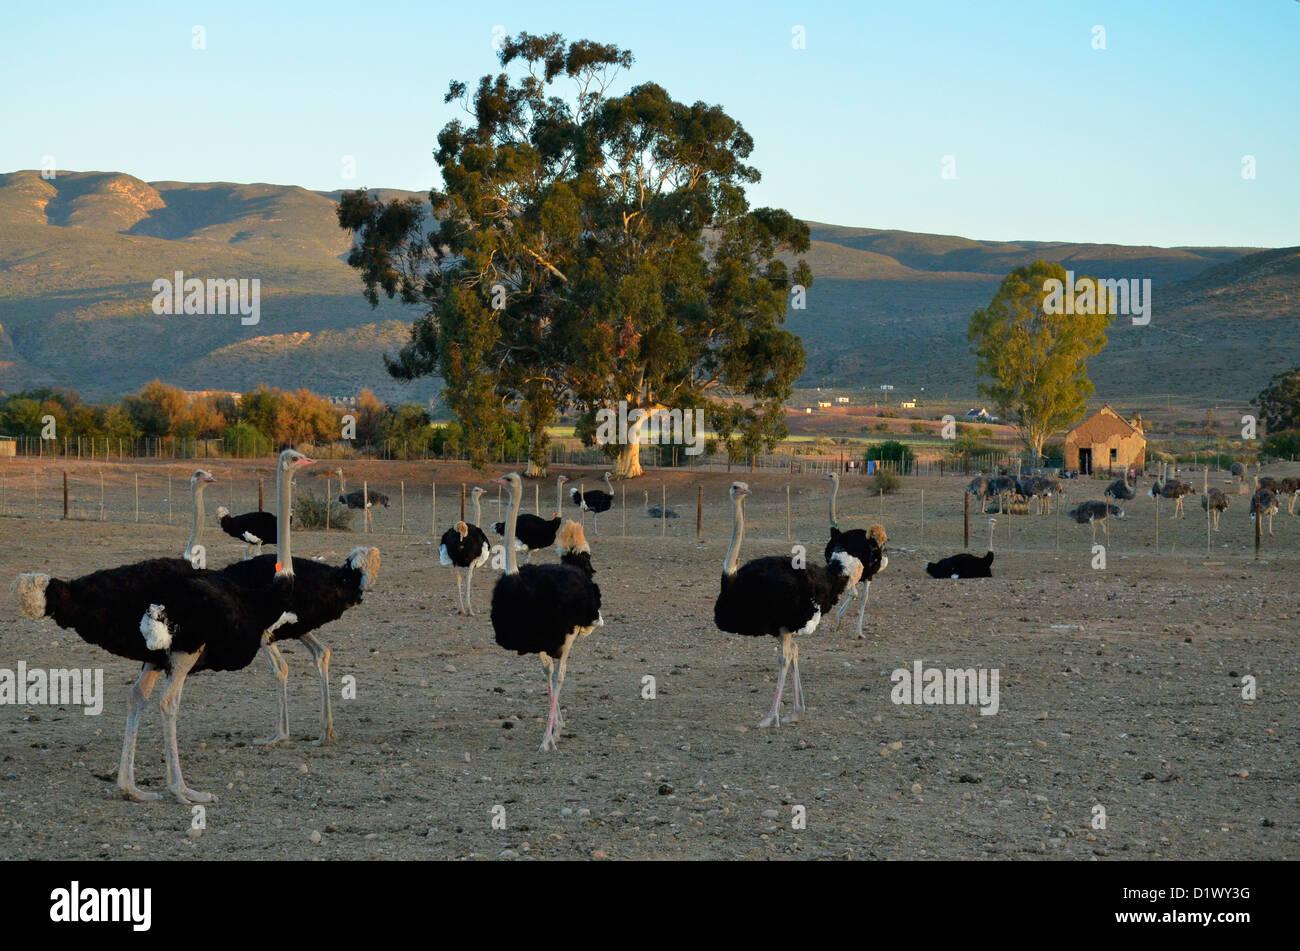 Männliche Strauße in schwarzen Gefieder auf Straussenfarm in der Nähe von Calitzdorp, Klein Karoo, Südafrika Stockfoto